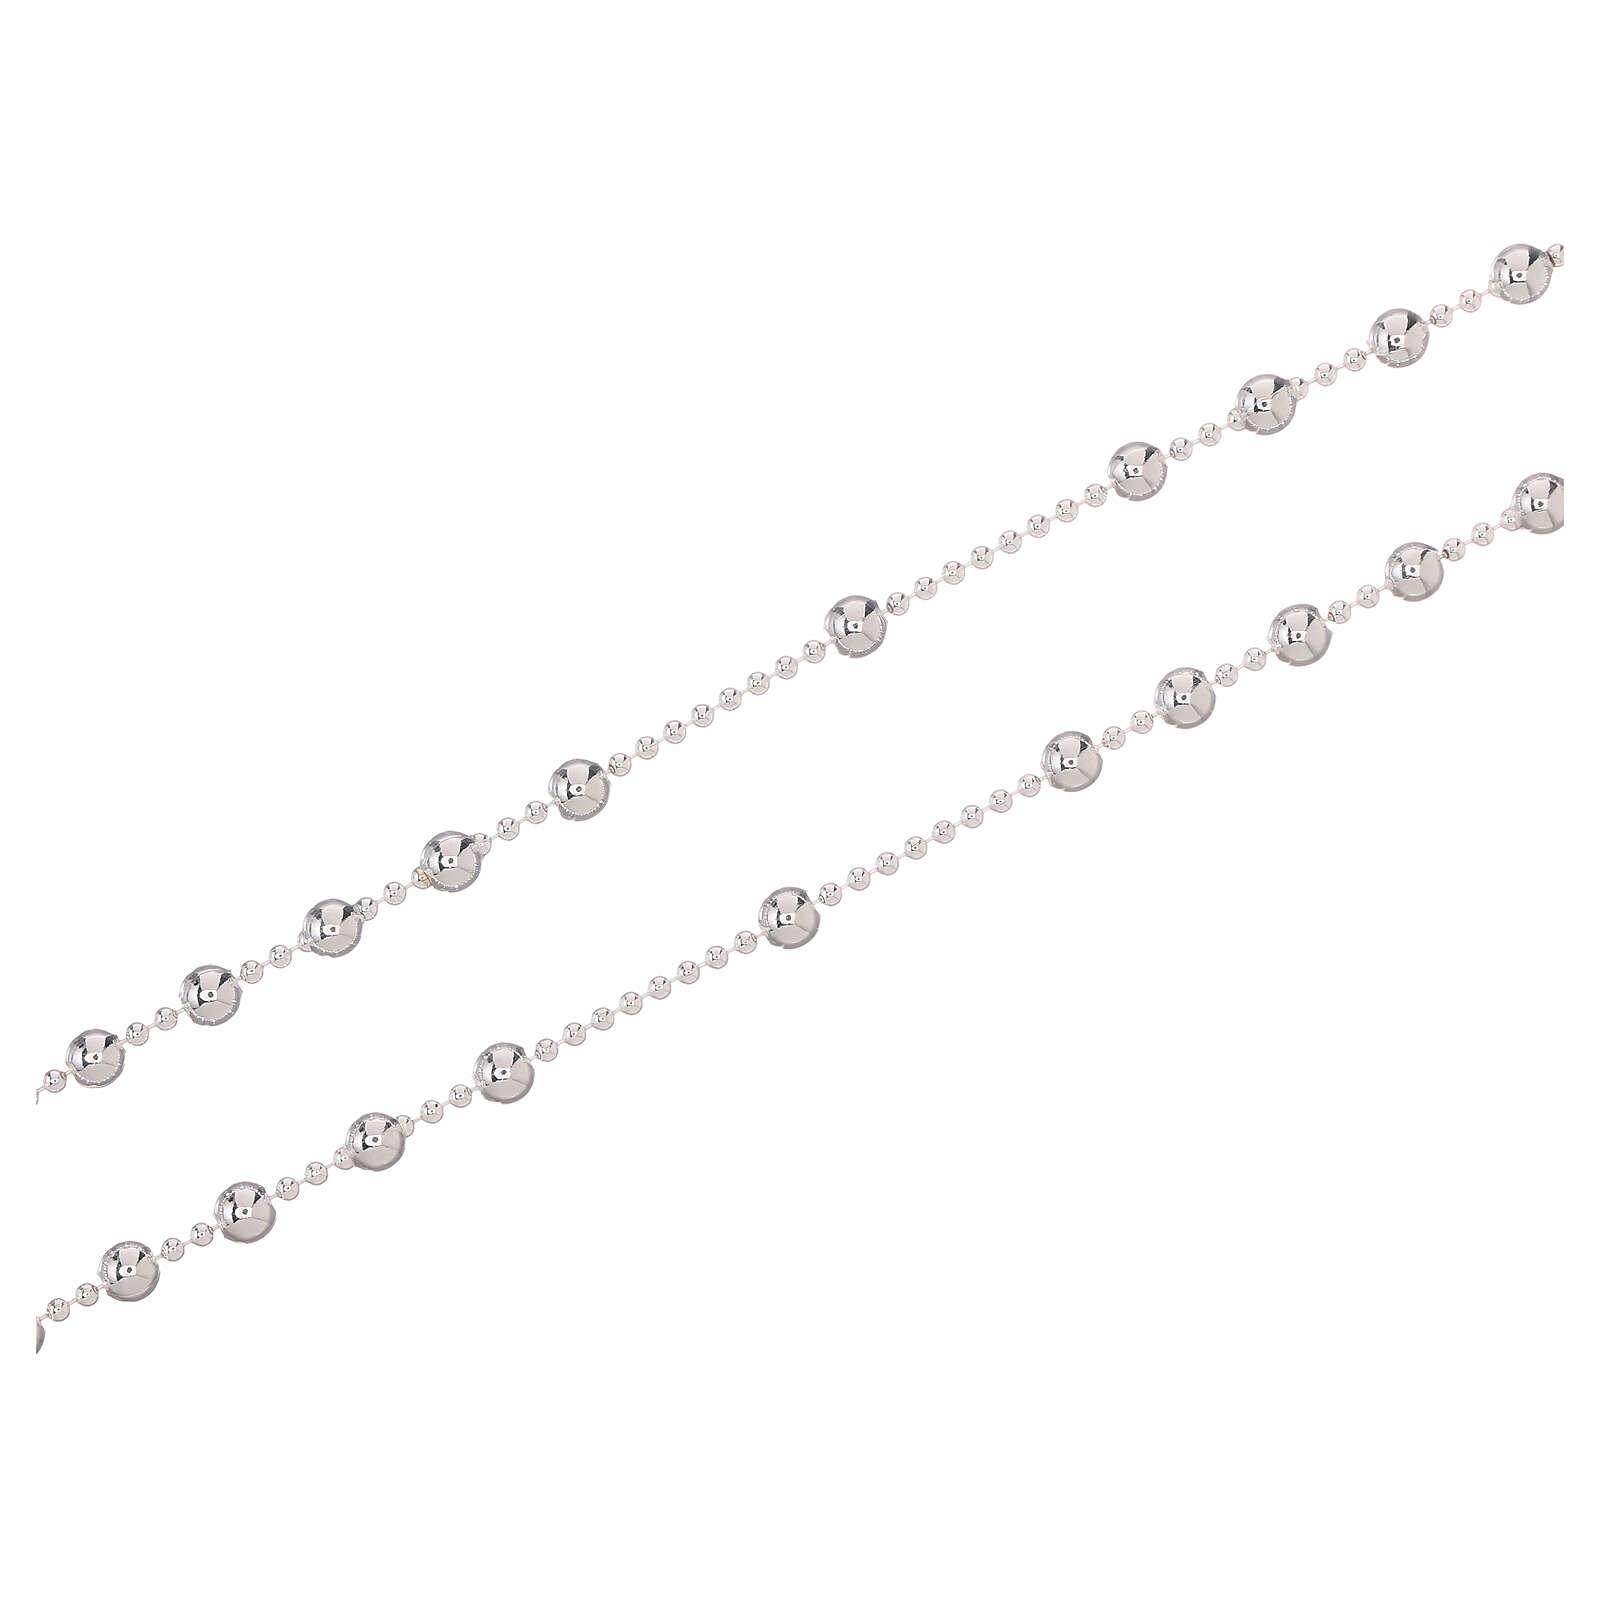 STOCK Rosario collana argento 925 grani 3 mm 4